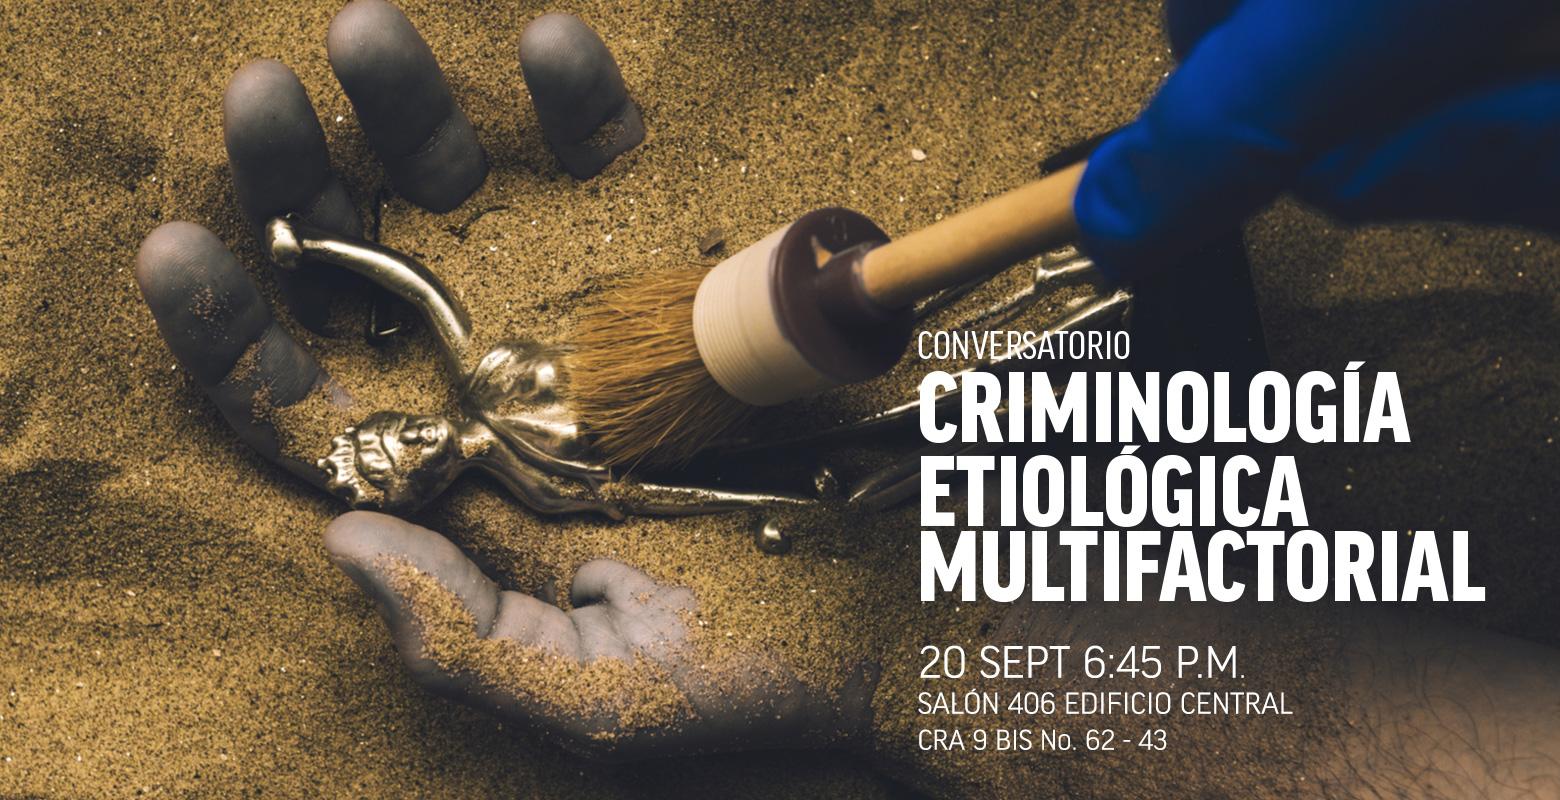 Conversatorio:Criminología etiológica- multifactorial